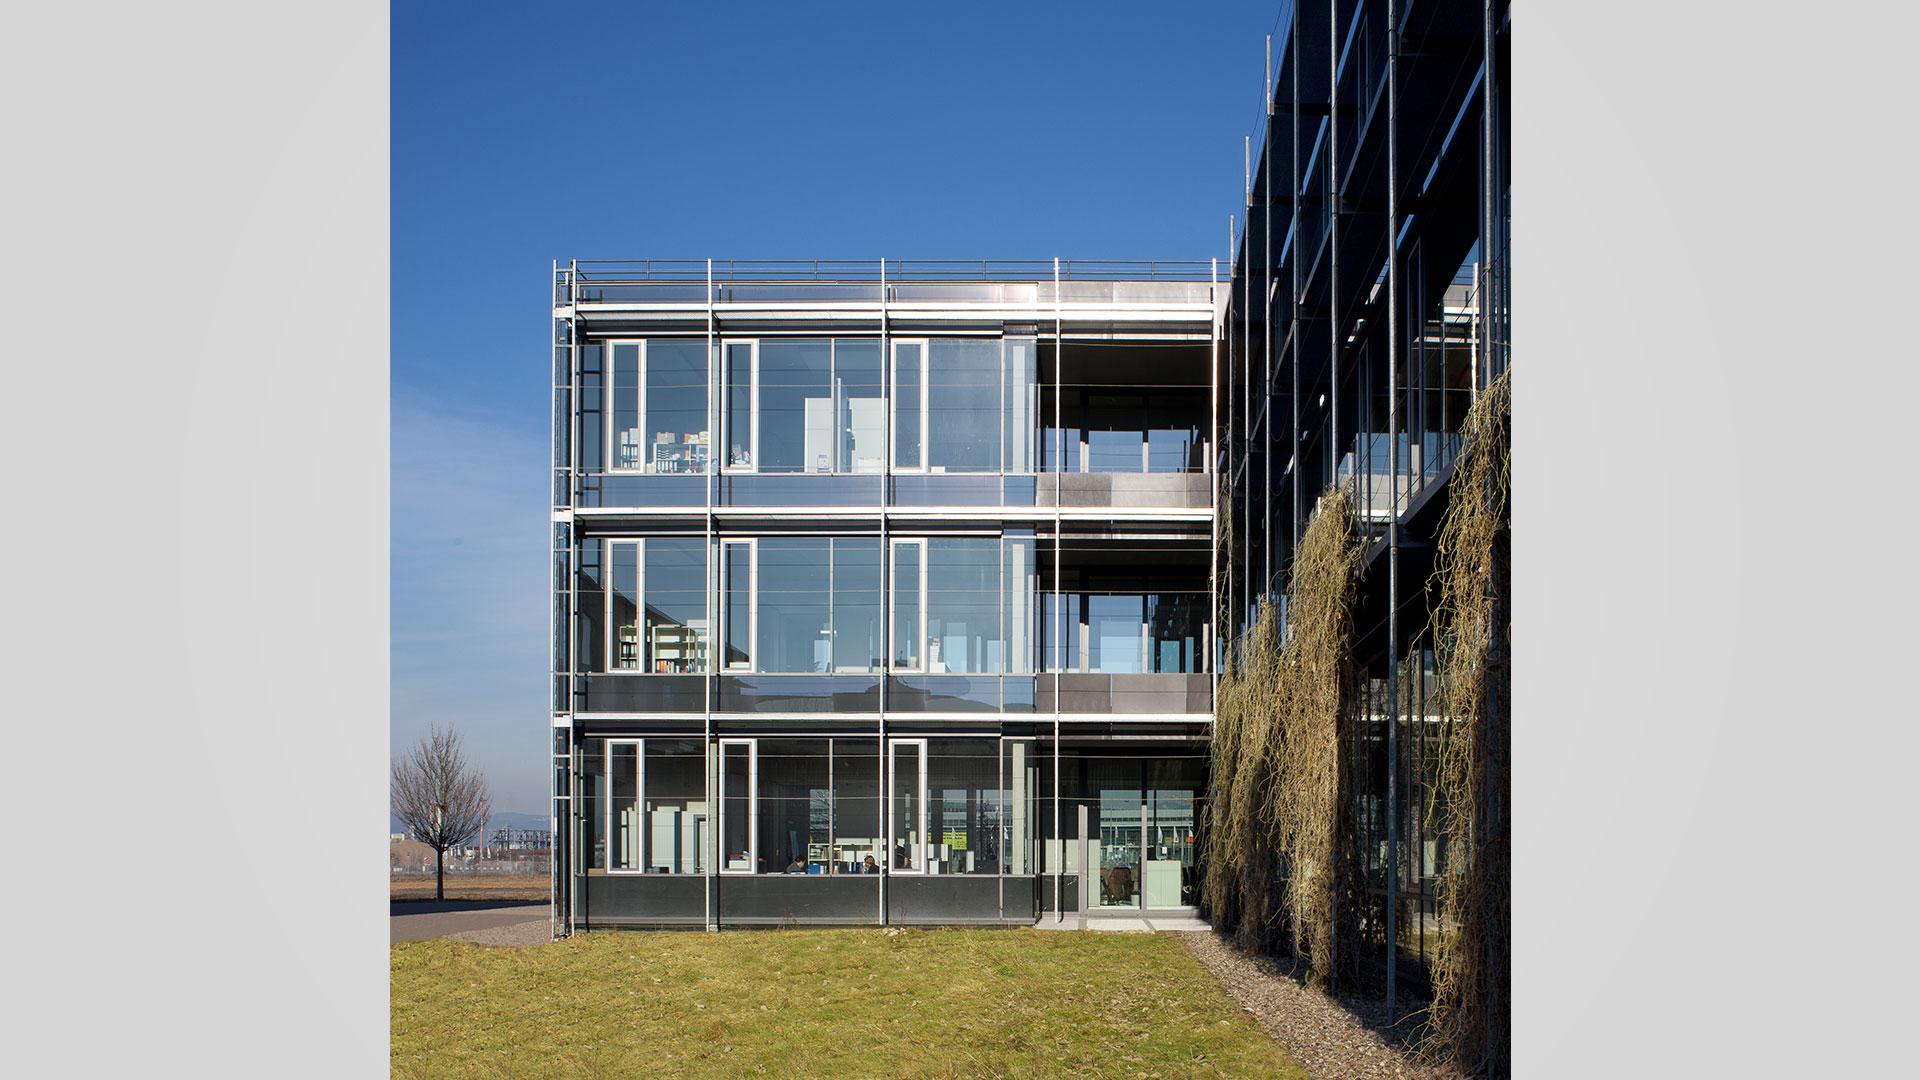 Erweiterung Mikrosystemtechnik Freiburg 4 - ArGe Architekten